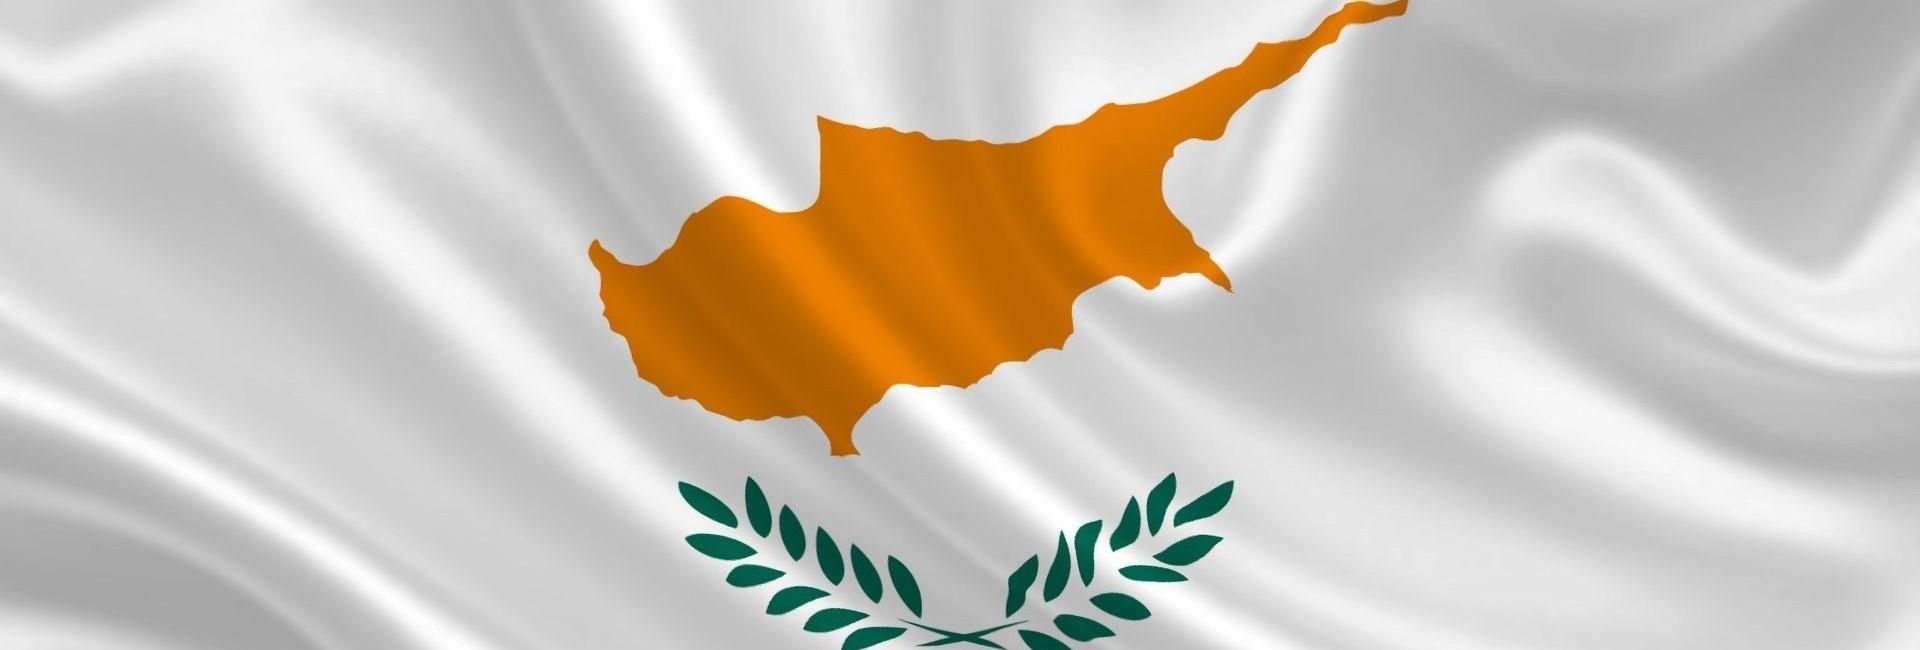 Ο Ερντογάν κλέβει το μέλλον της Κύπρου λίγο-λίγο